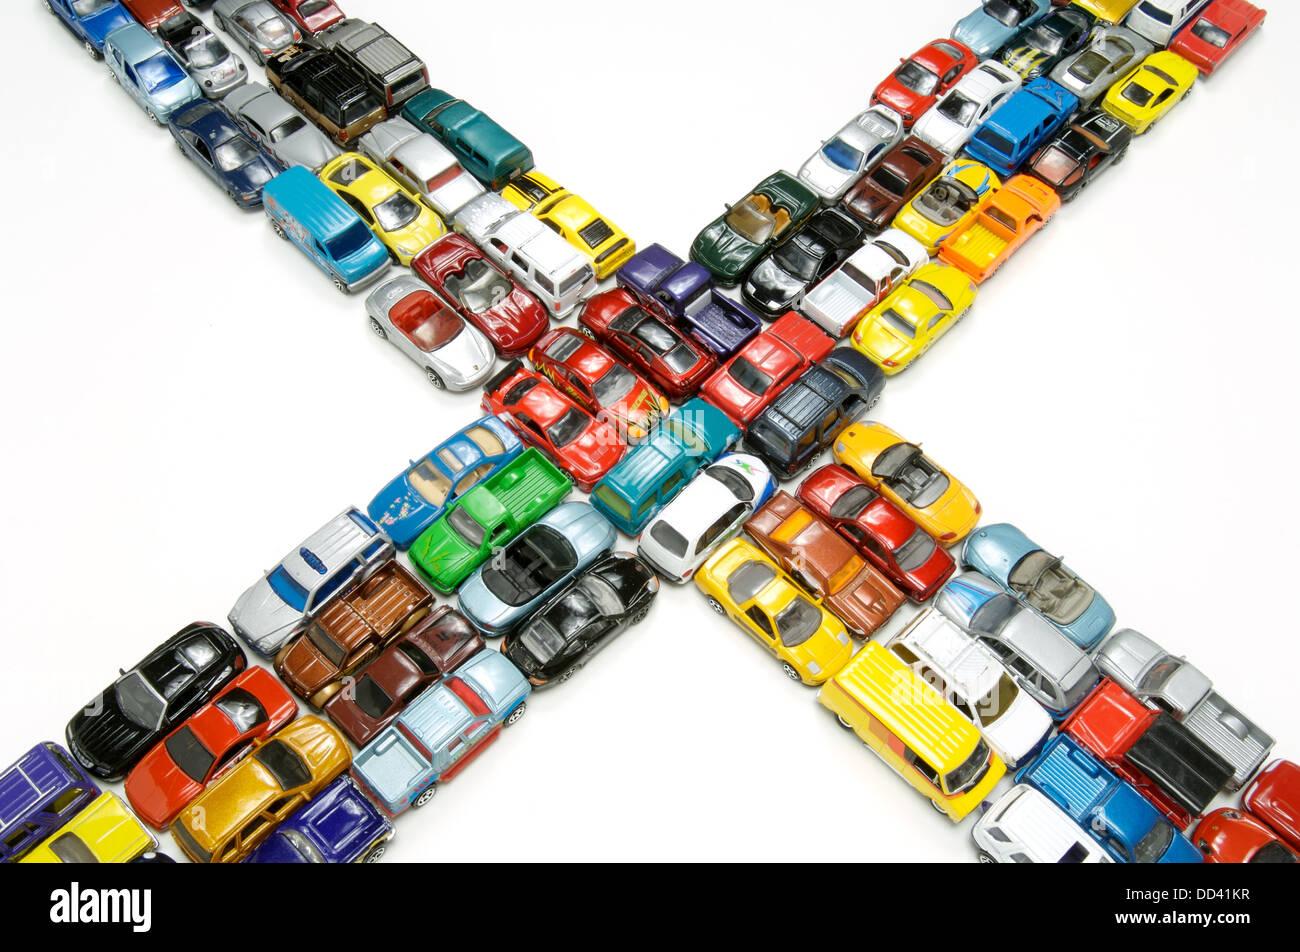 Un ingorgo di miniatura toy cars in corrispondenza di una intersezione. Immagini Stock